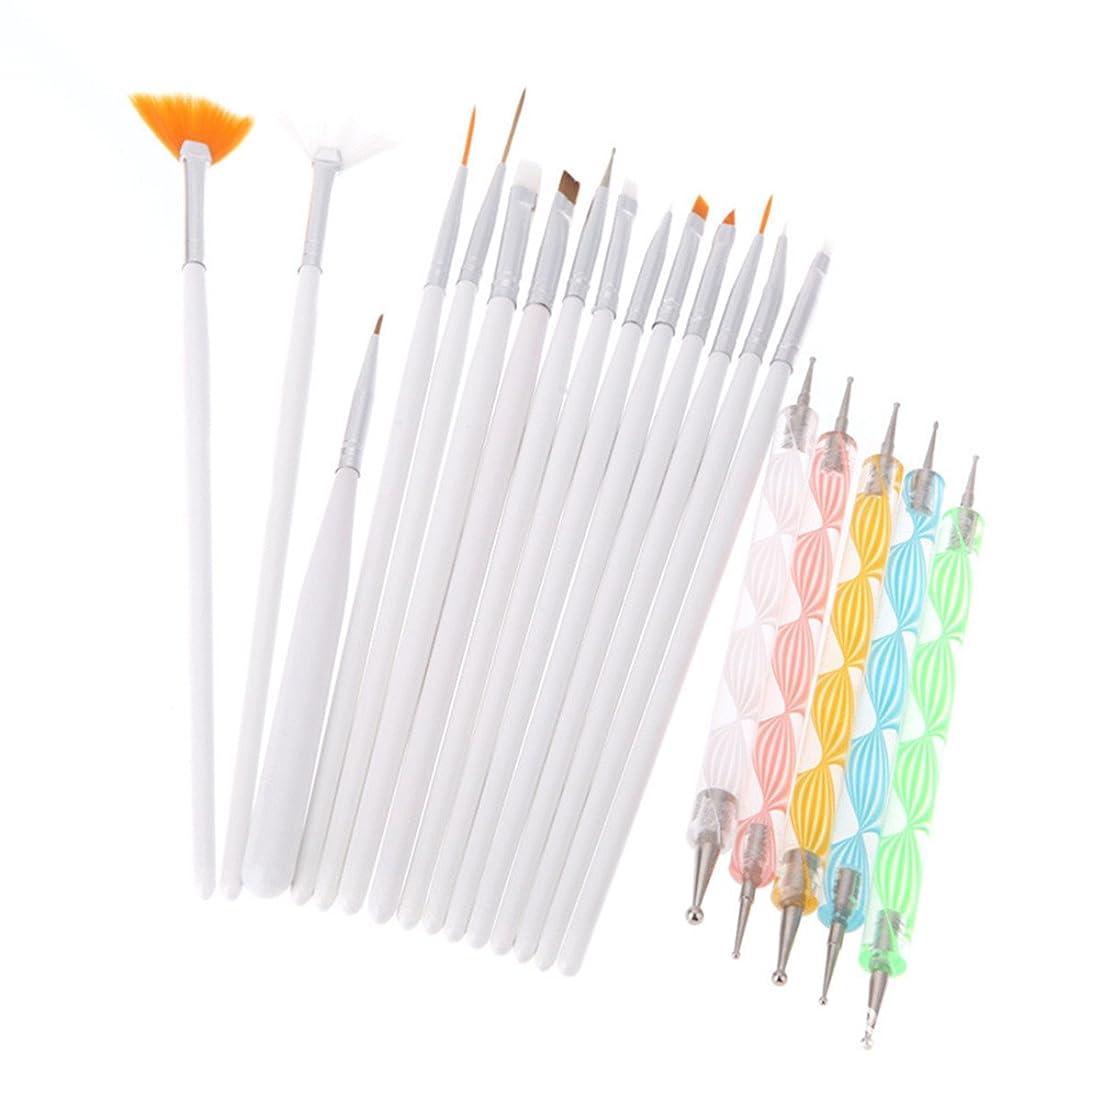 評価スクリューピカソBEE&BLUE ブラシ ネイルブラシ ネイルデザインペン ファション オシャレ ペン 美人 ホワイト